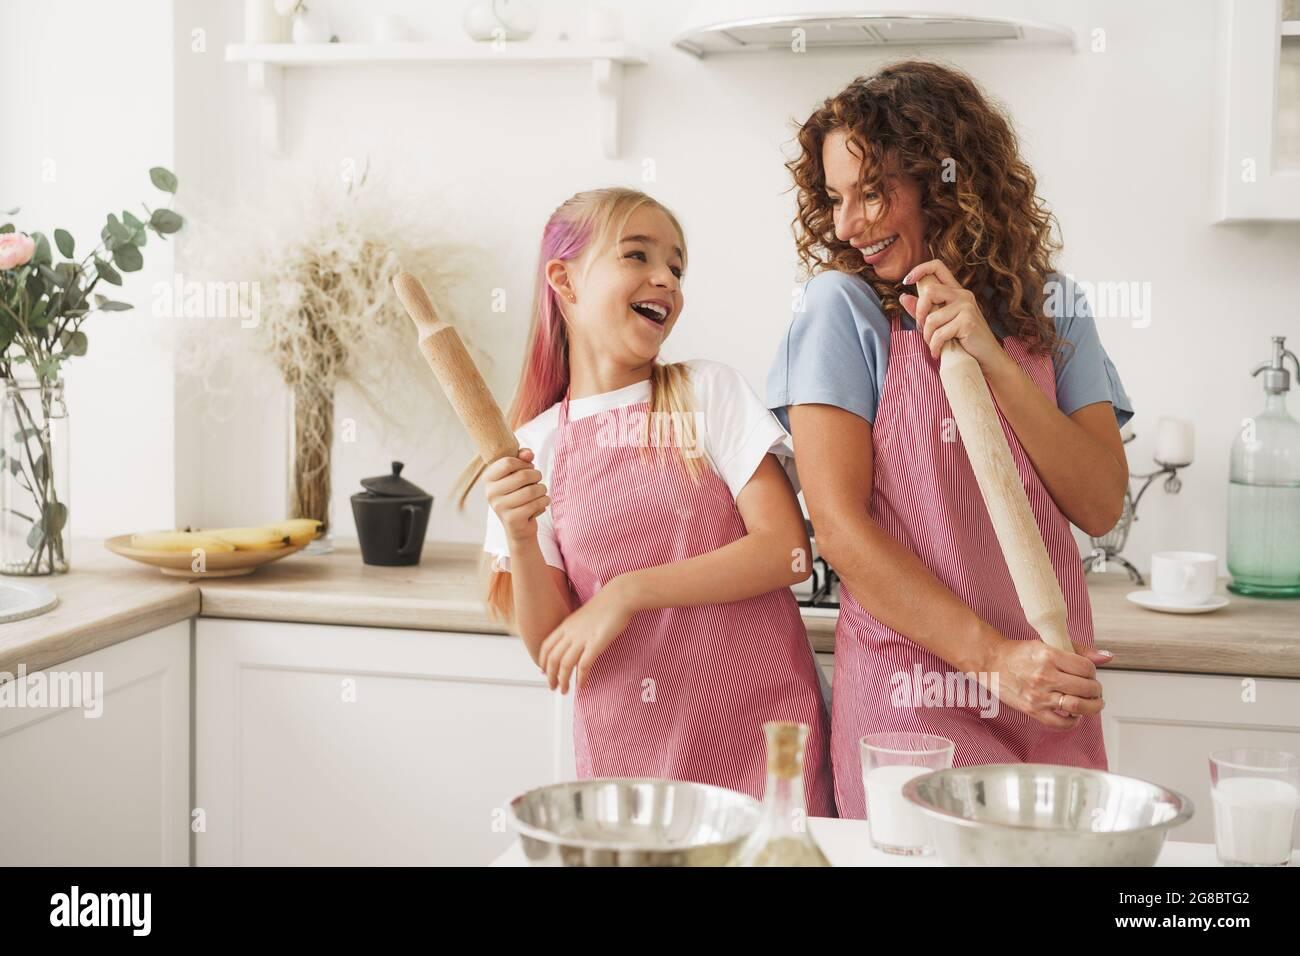 9+ Pin S Kitchen Menu